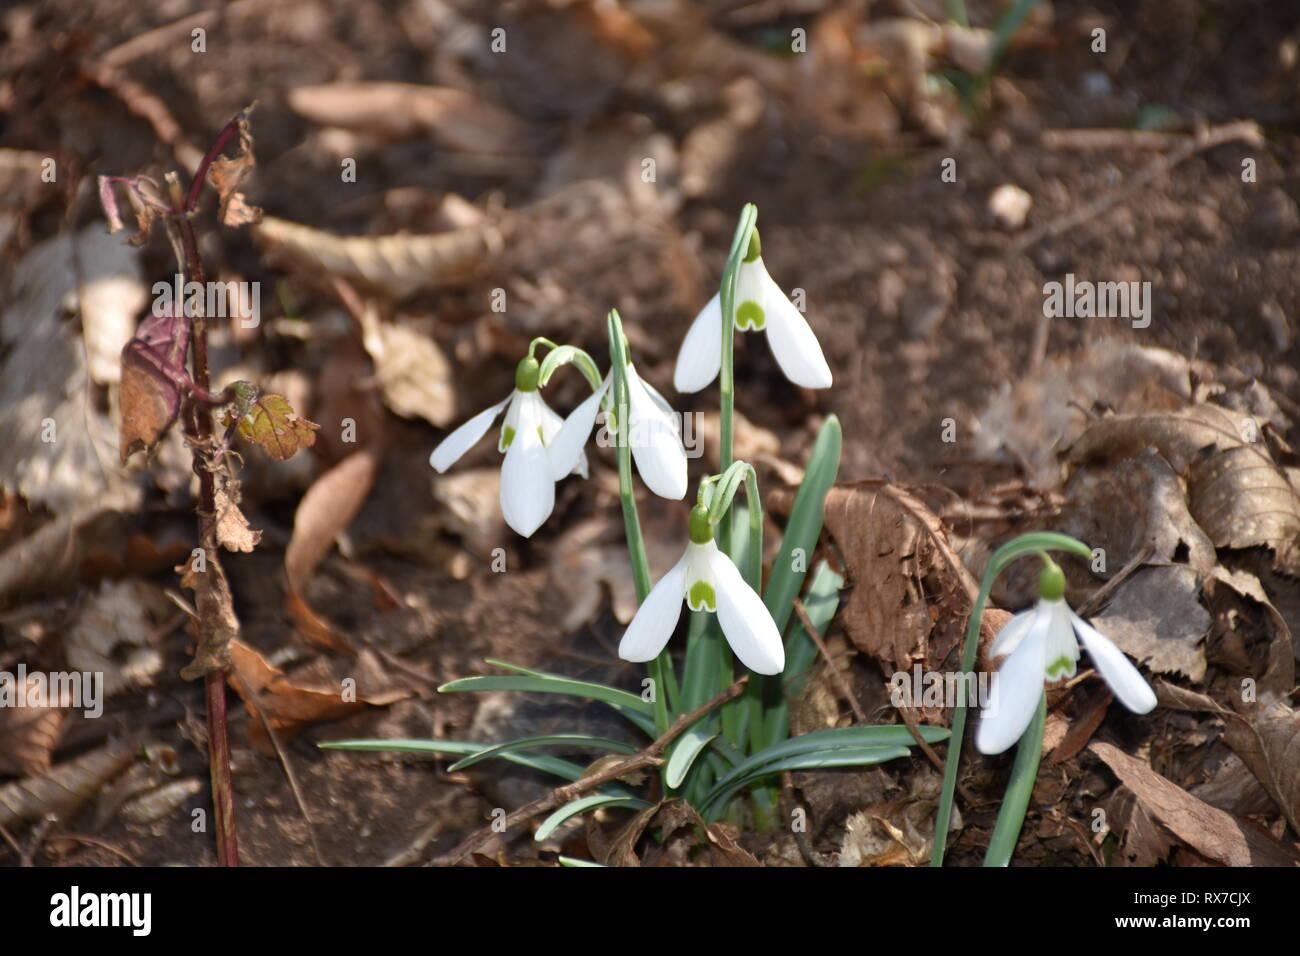 Blume, Blumen, Wald, Waldboden, Schneeglöckchen, Frühlingsblume, Frühblüher, Blüte, Stiel, Frühlingsgruß, Amaryllisgewächs, Blüte, Vorfrühling, wachse - Stock Image